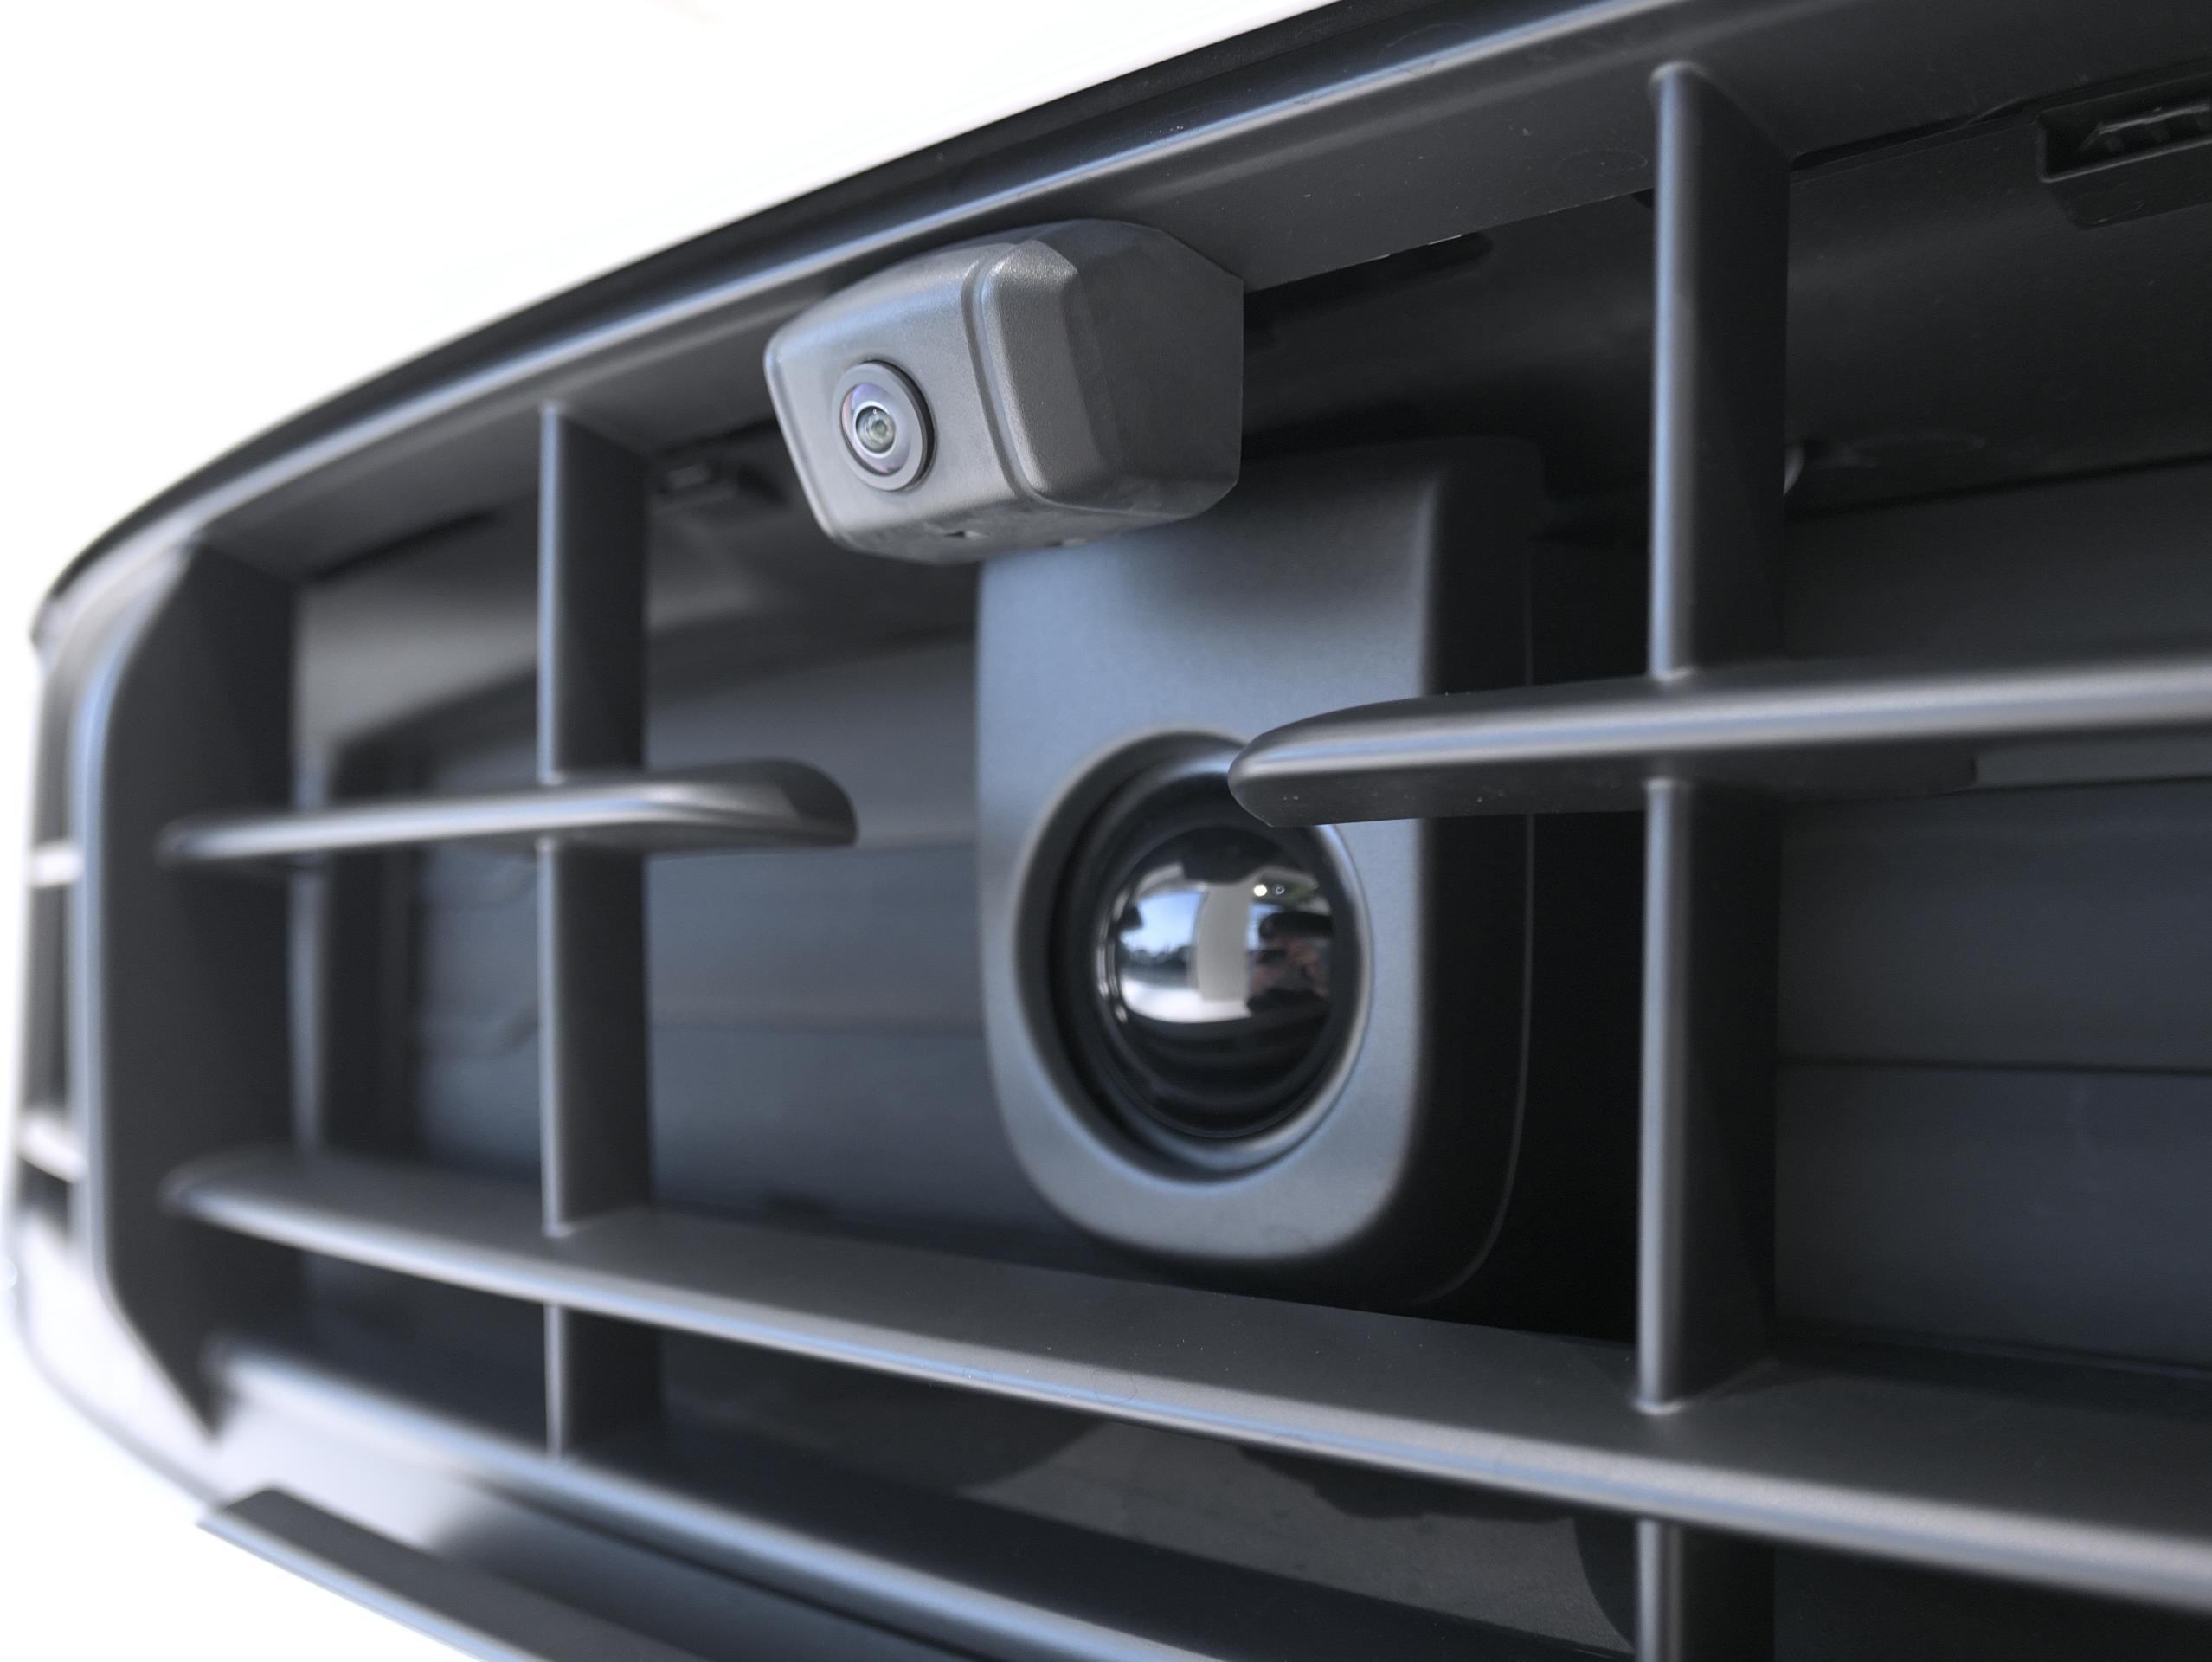 ポルシェ マカン GTS スポーツクロノ フロントカメラ